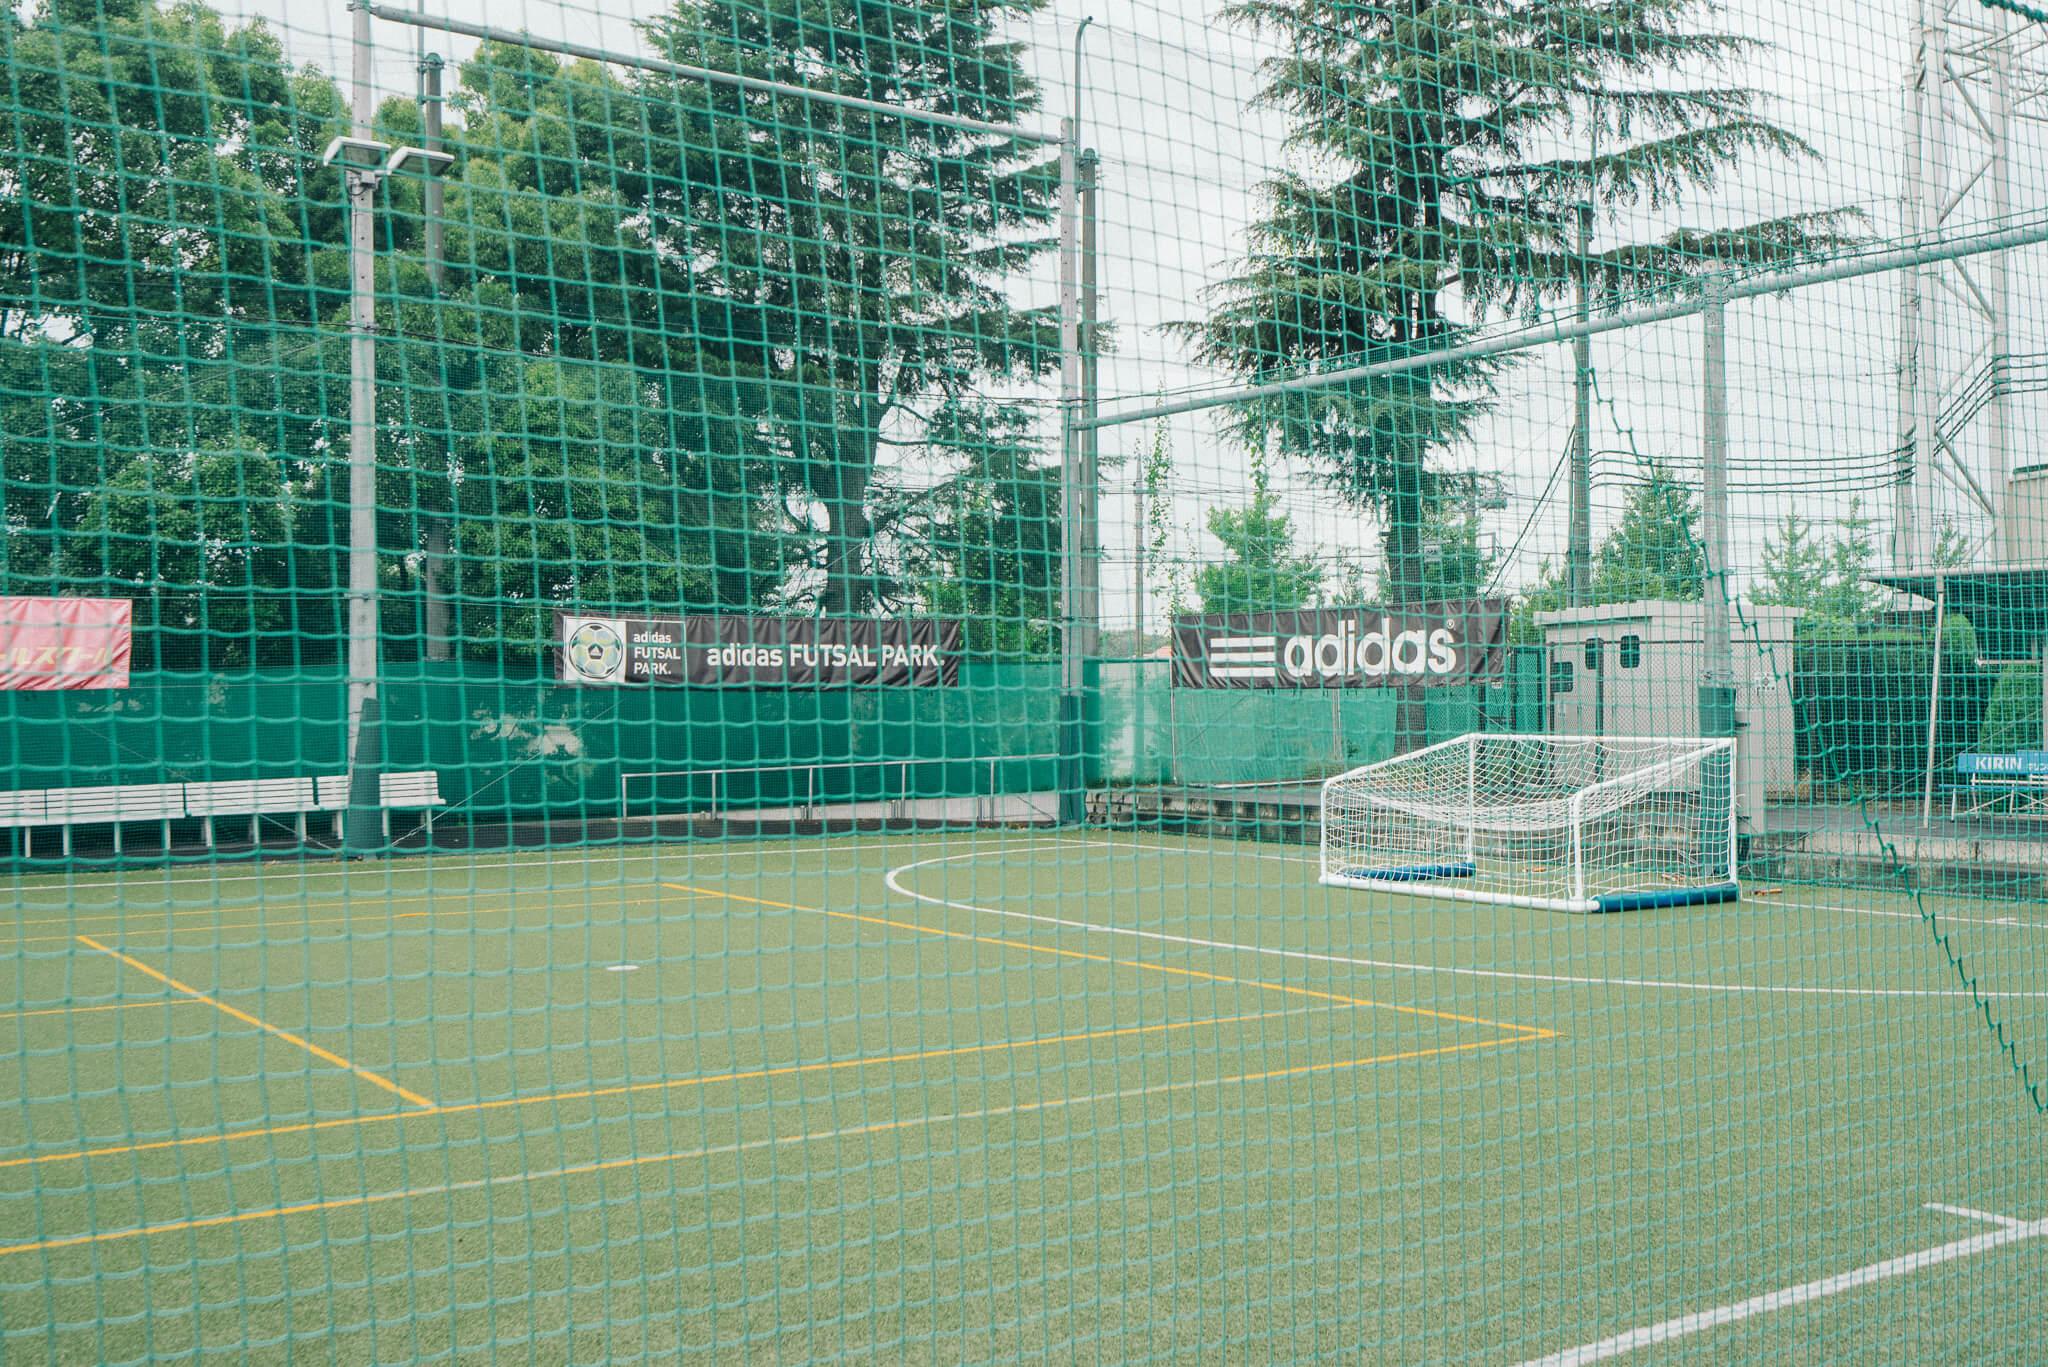 さらに、ゴルフ、テニス、フットサルなどのできるスポーツ施設も併設。休みの日も、近所で思う存分楽しめそう。